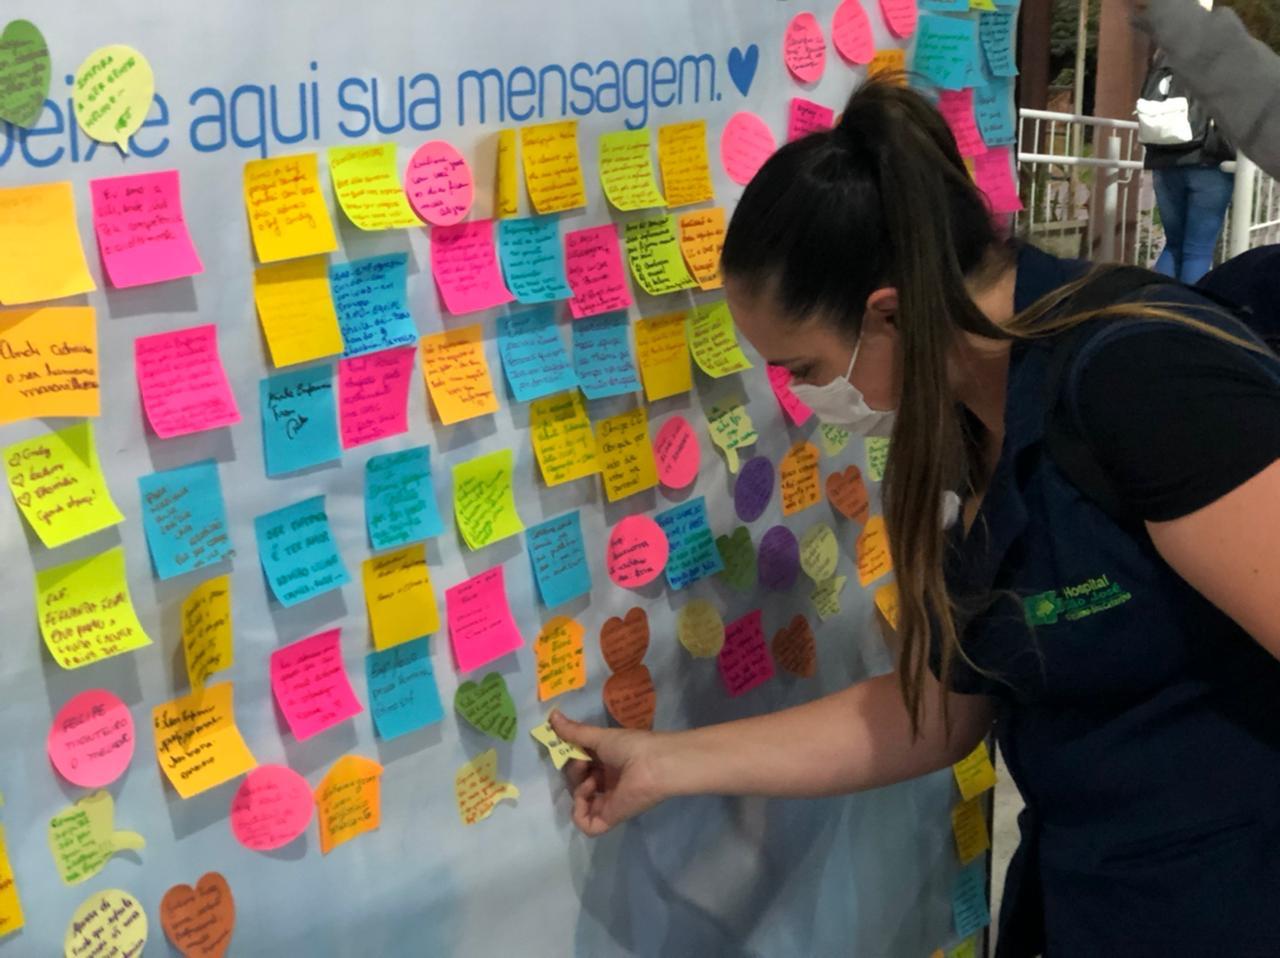 Homenagens são realizadas no Hospital São José para celebrar o Dia da Enfermagem